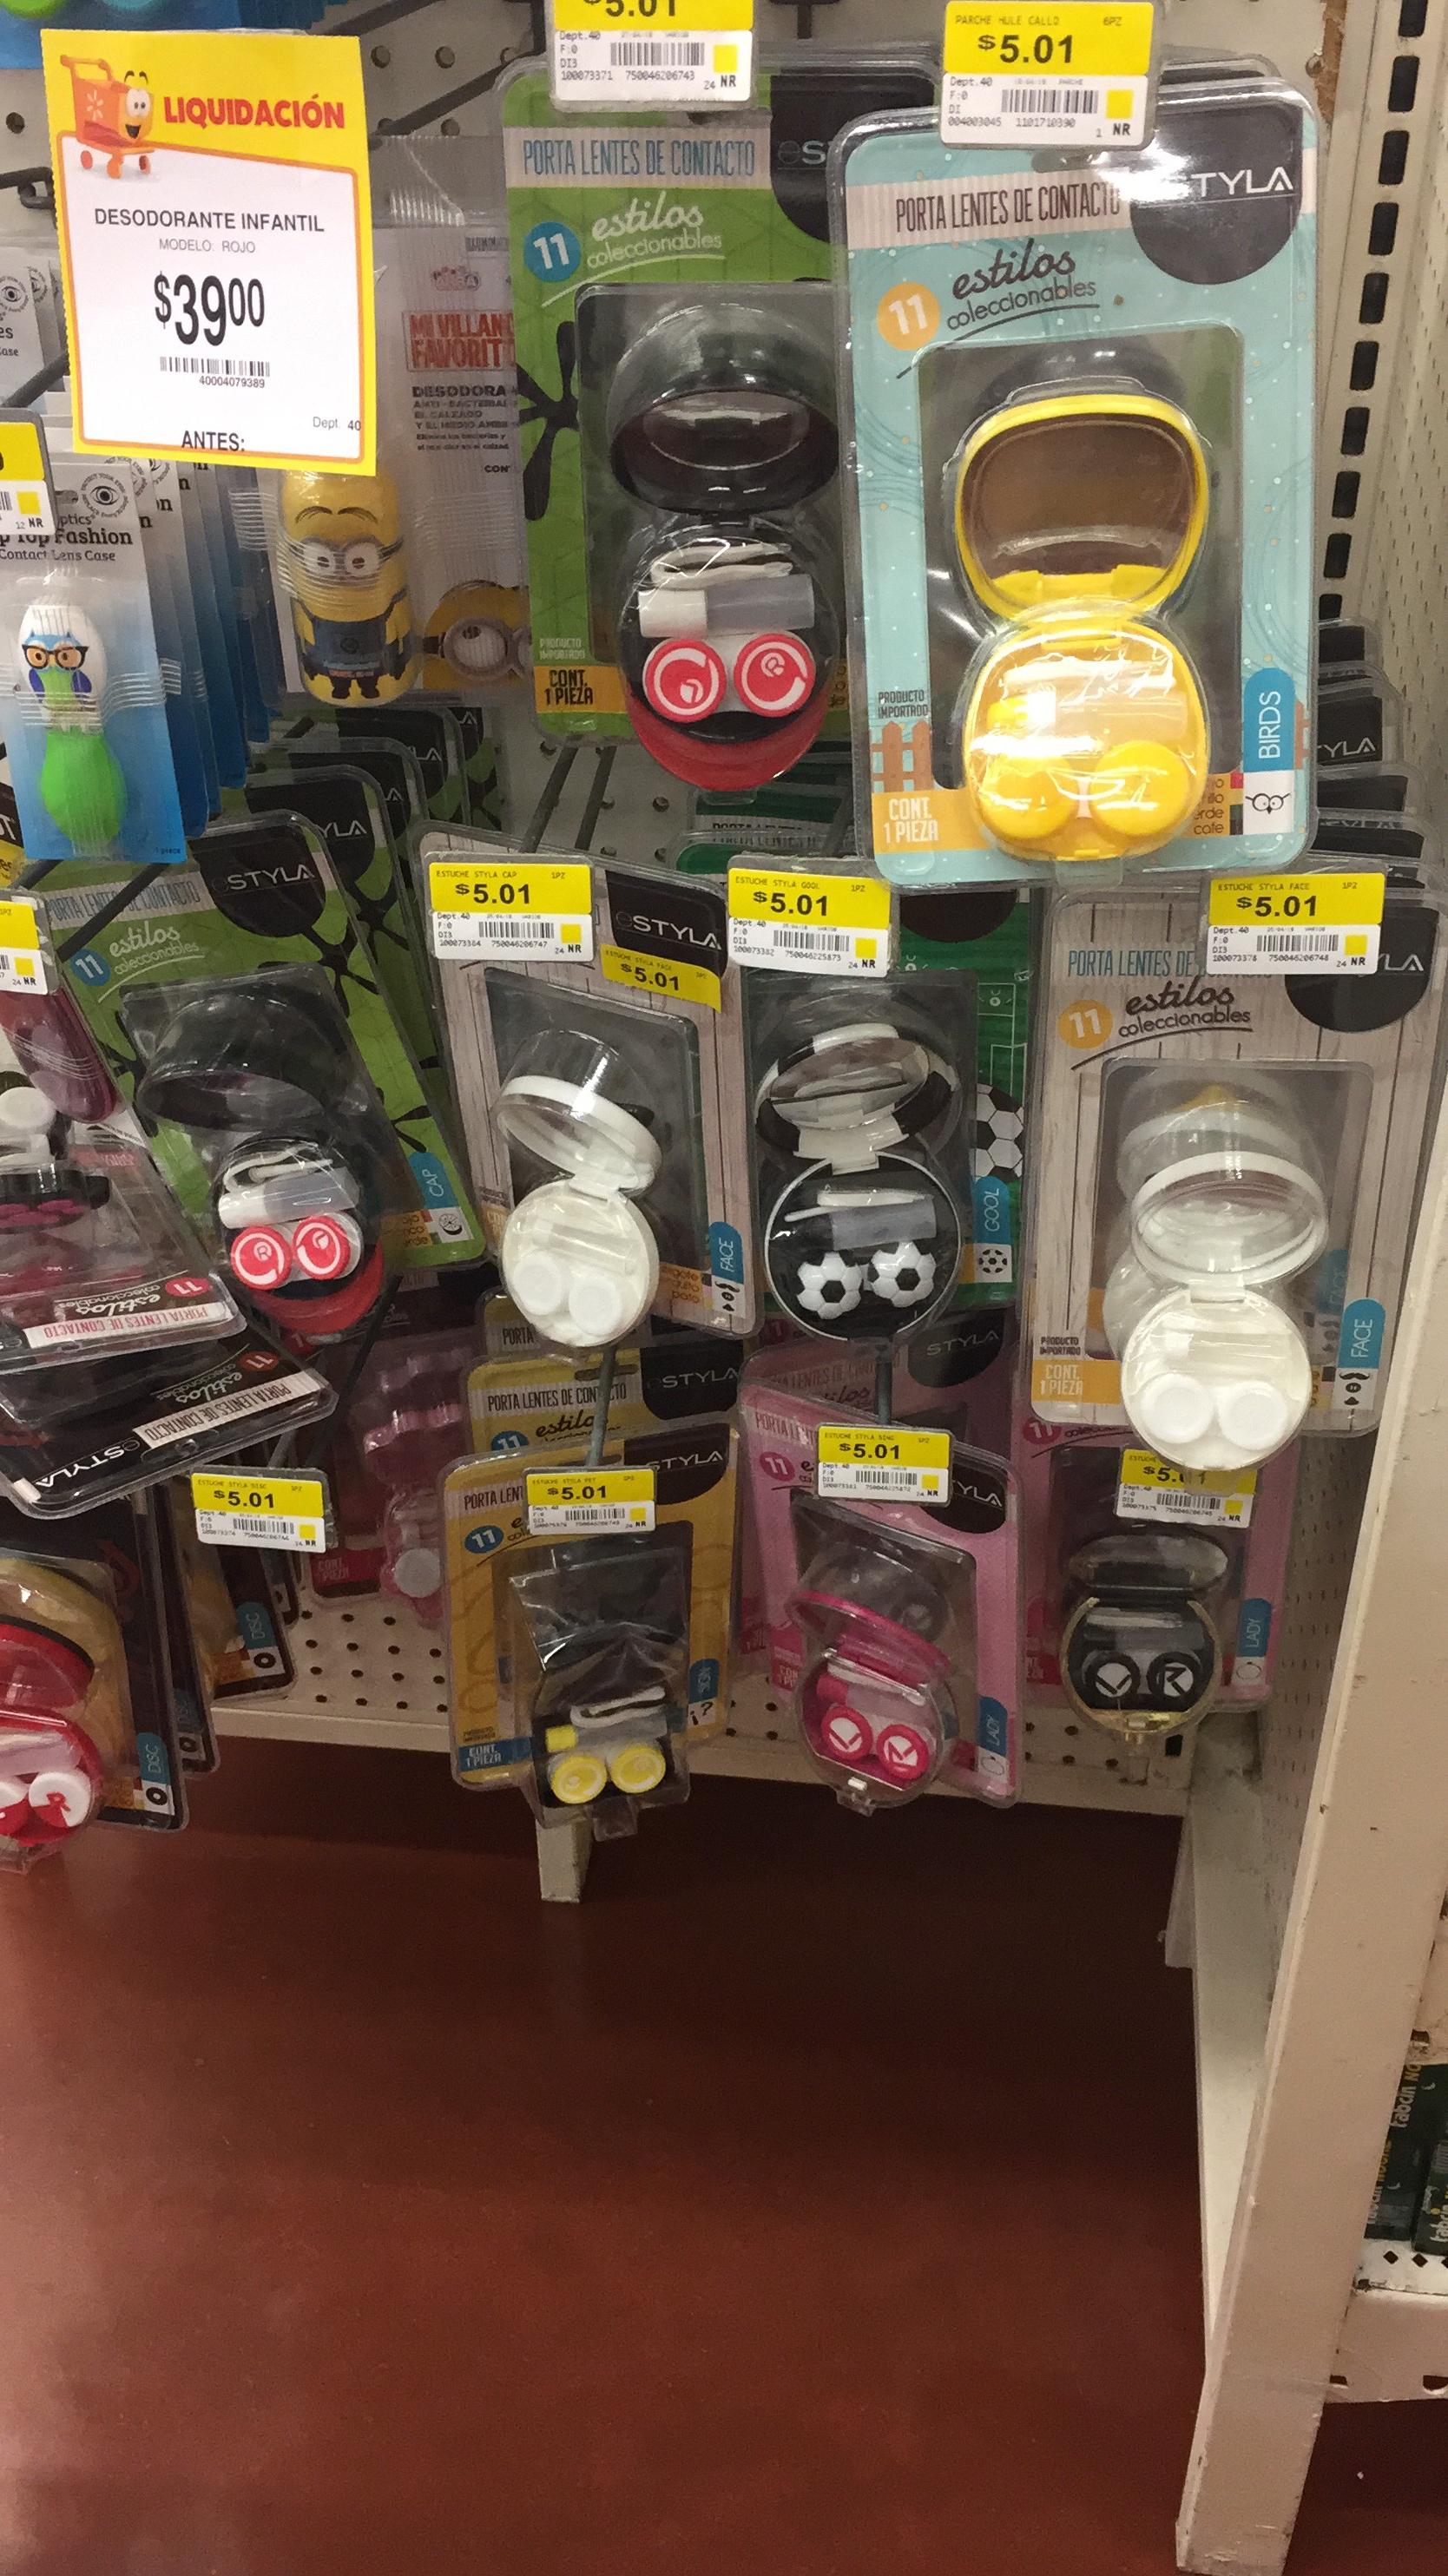 Walmart: estuche para lentes de contacto $5 pesitos